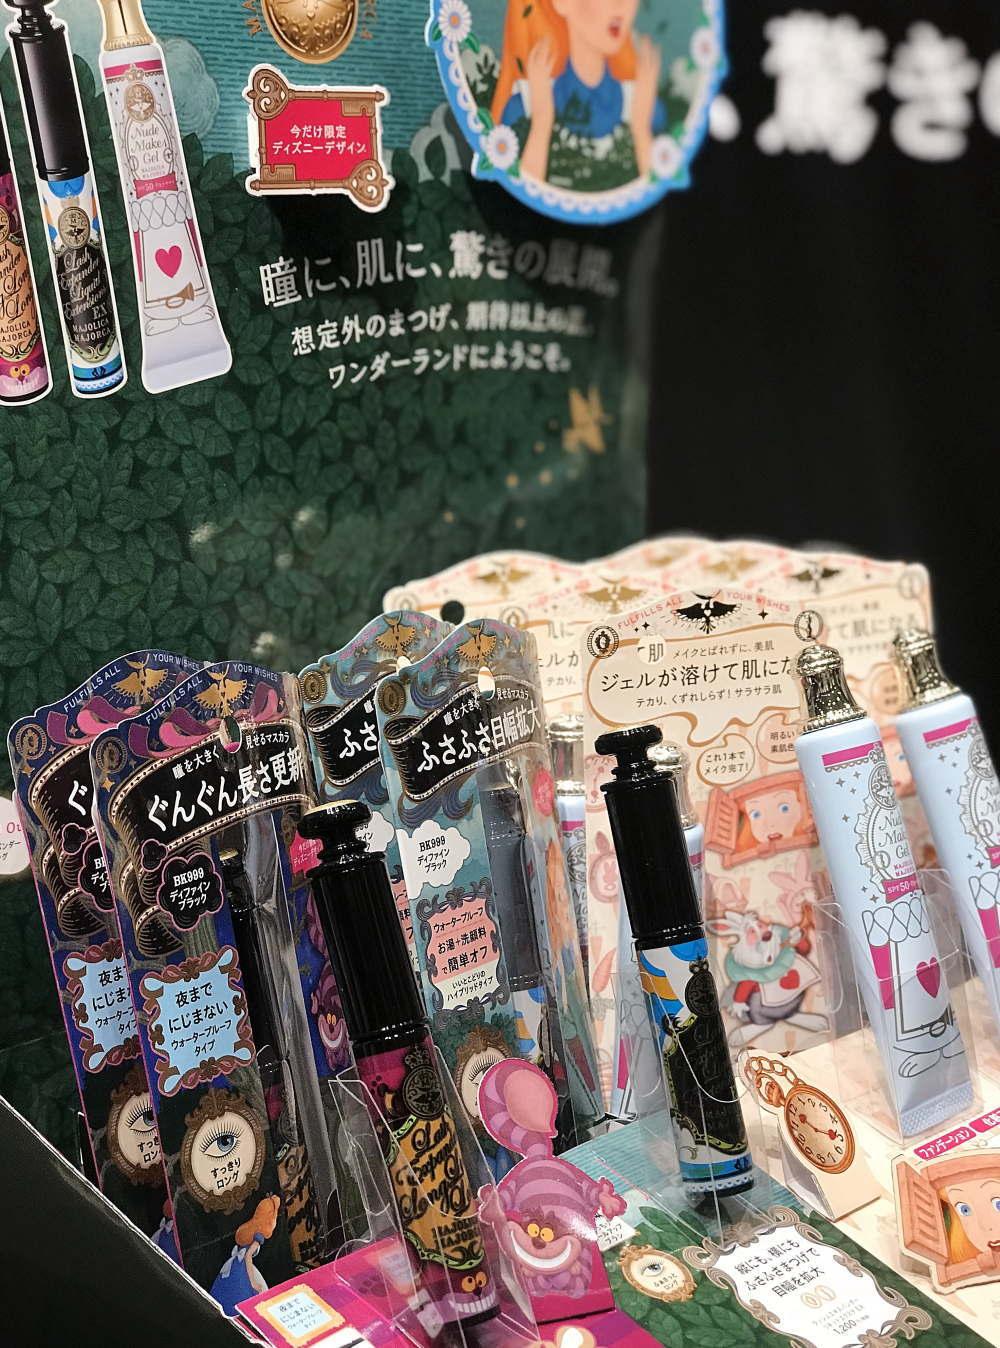 「マジョリカ マジョルカ」より、ディズニーの'アリス'をモチーフ にしたスペシャルパッケージの限定品